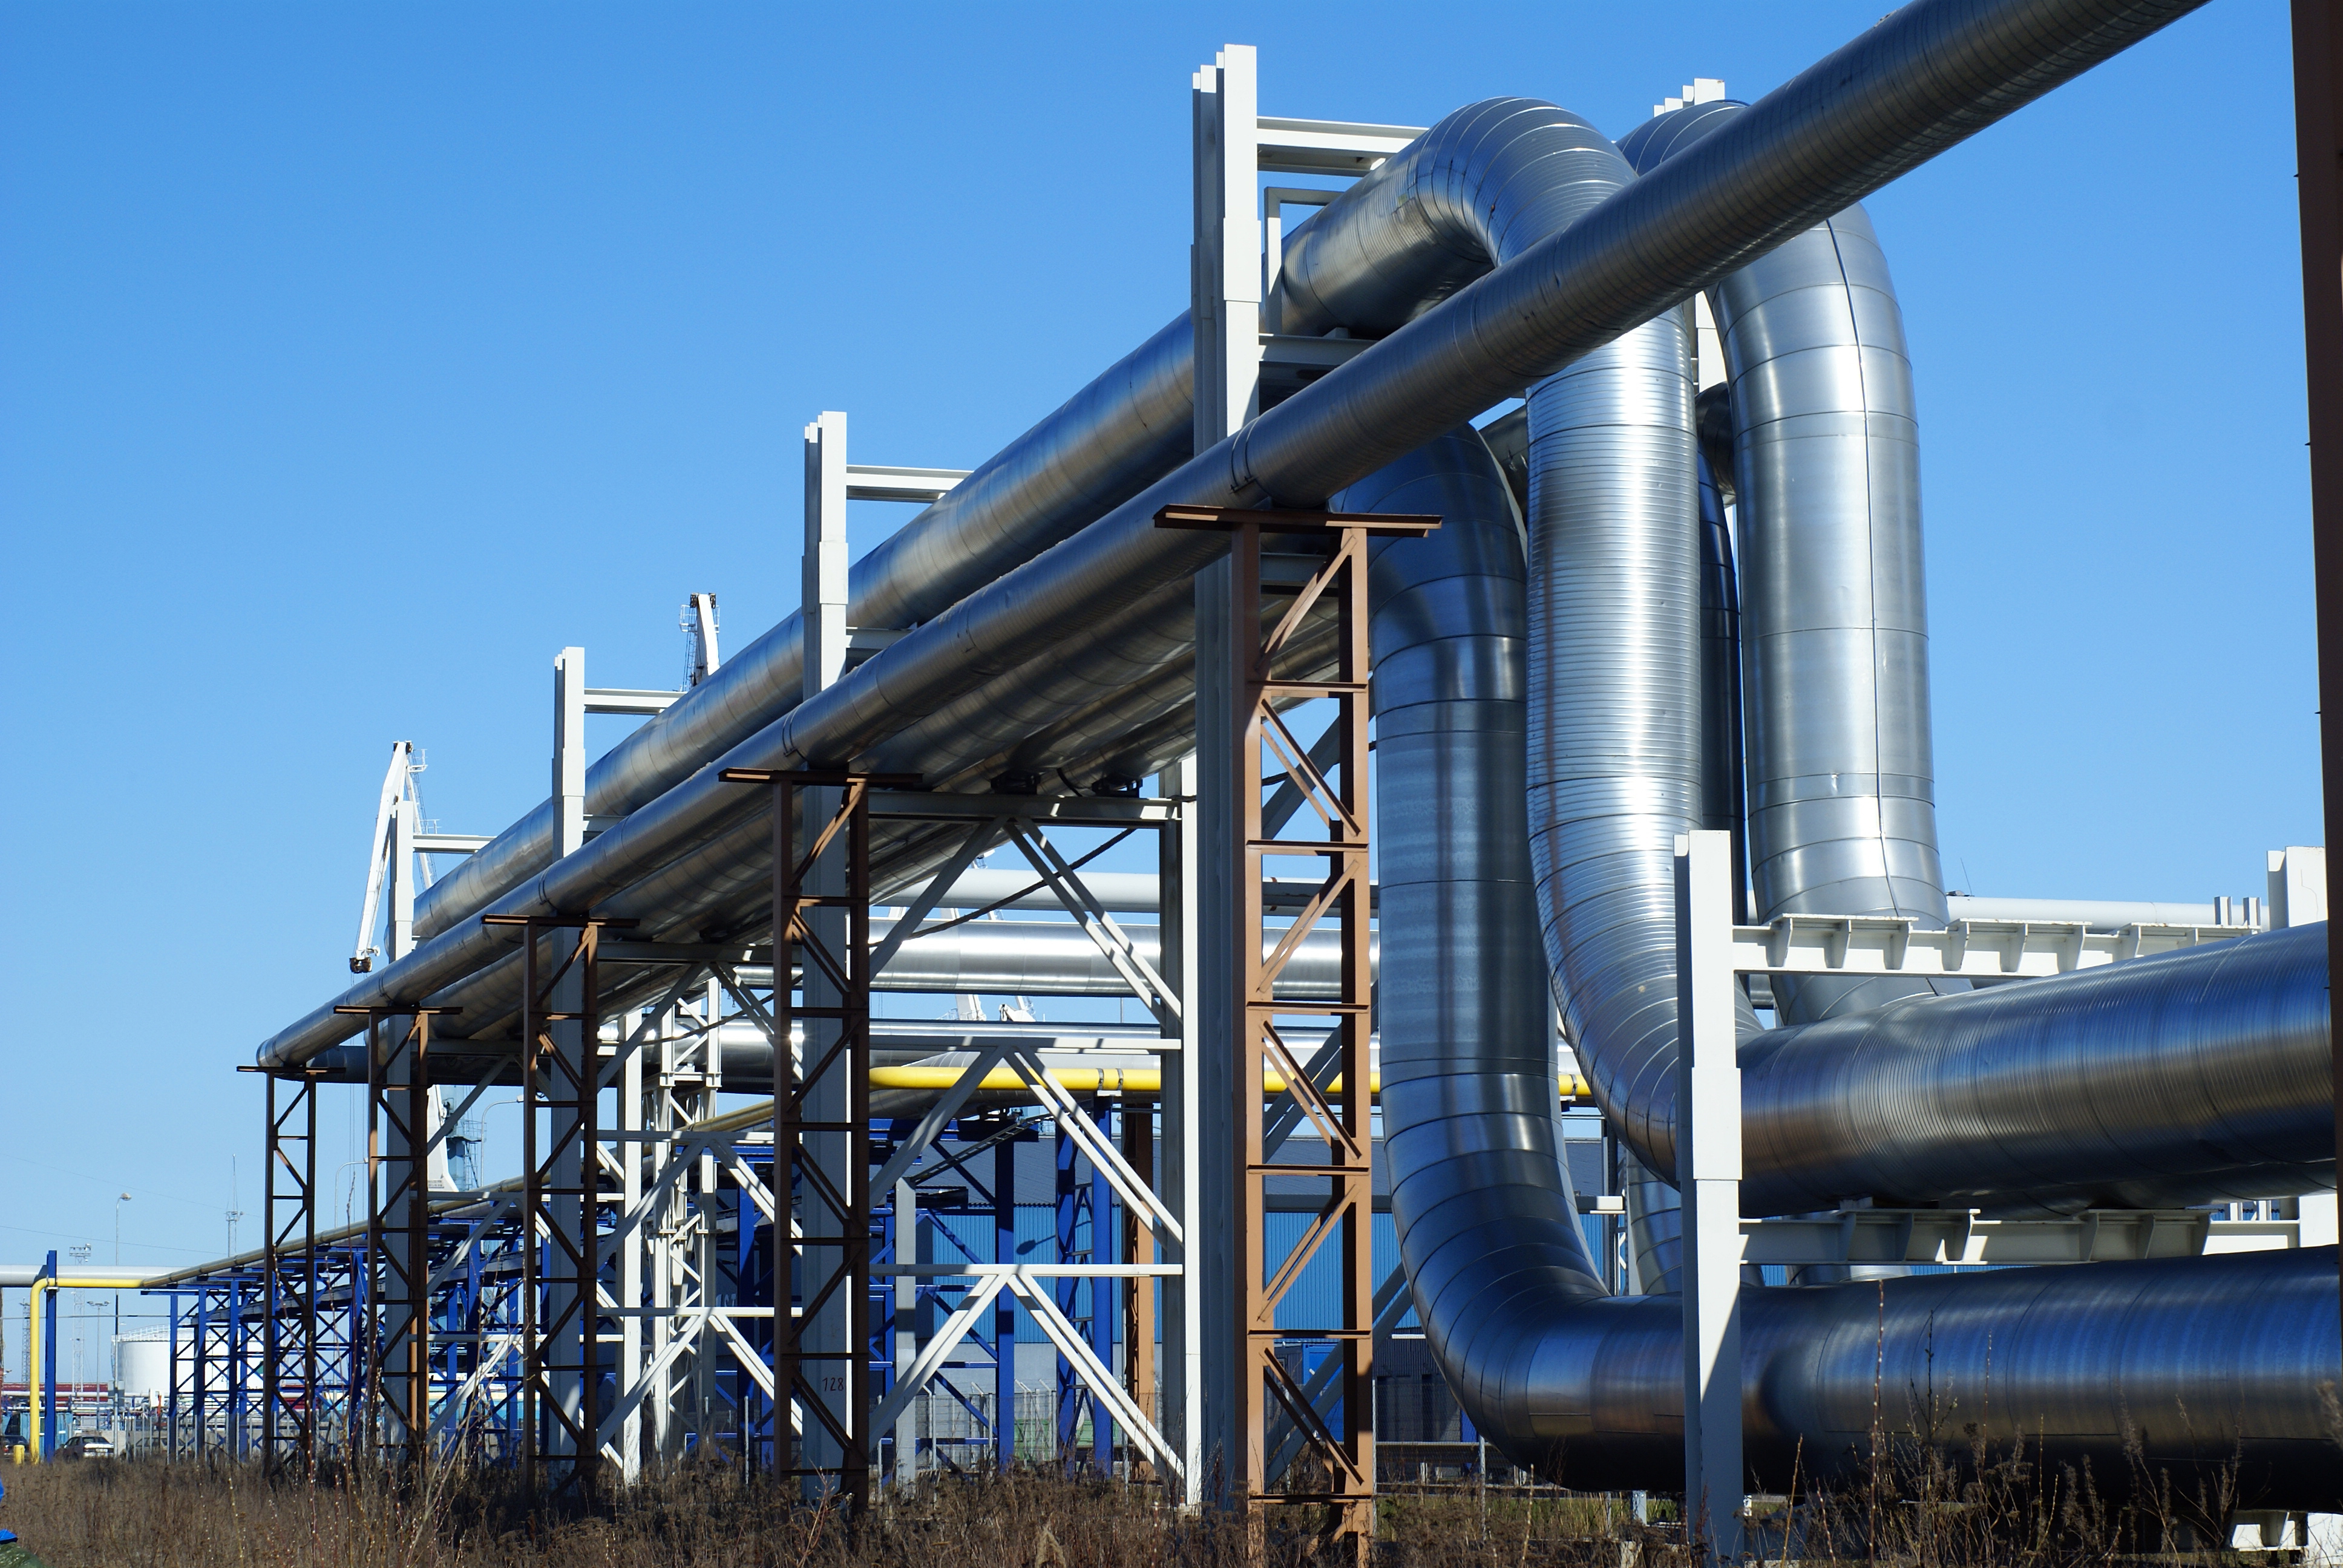 Independenţă energetică pentru România și Moldova